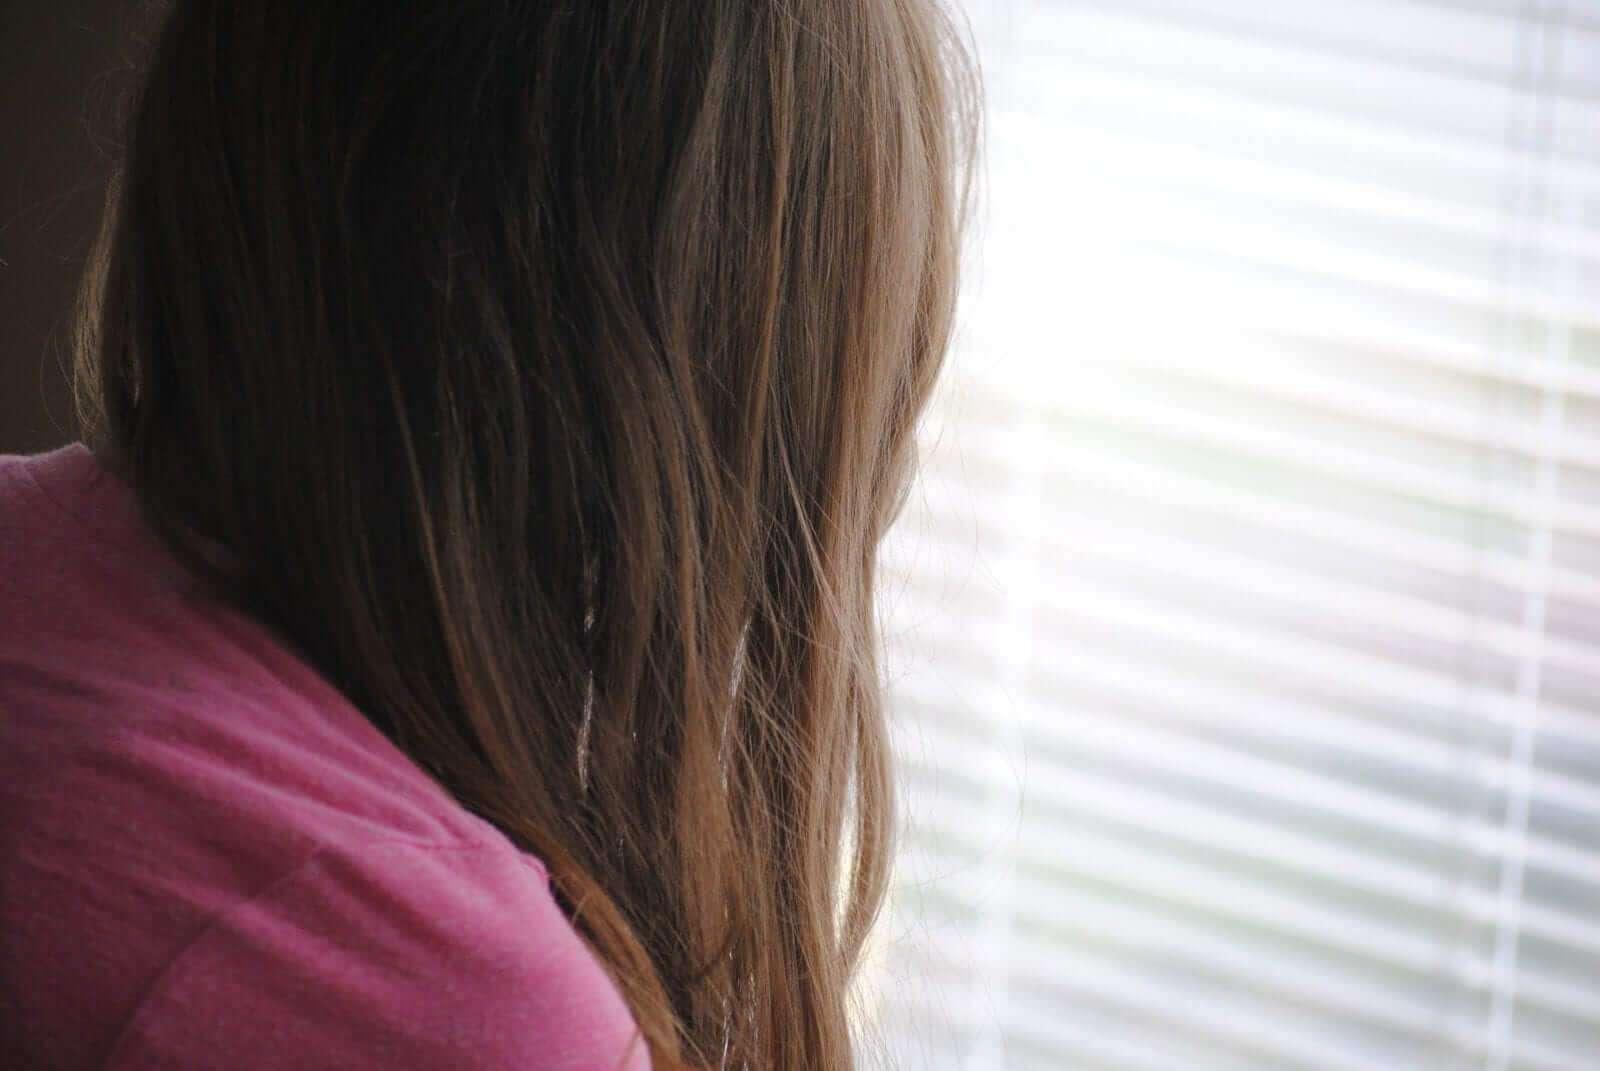 Frau leidet und schaut aus Fenster